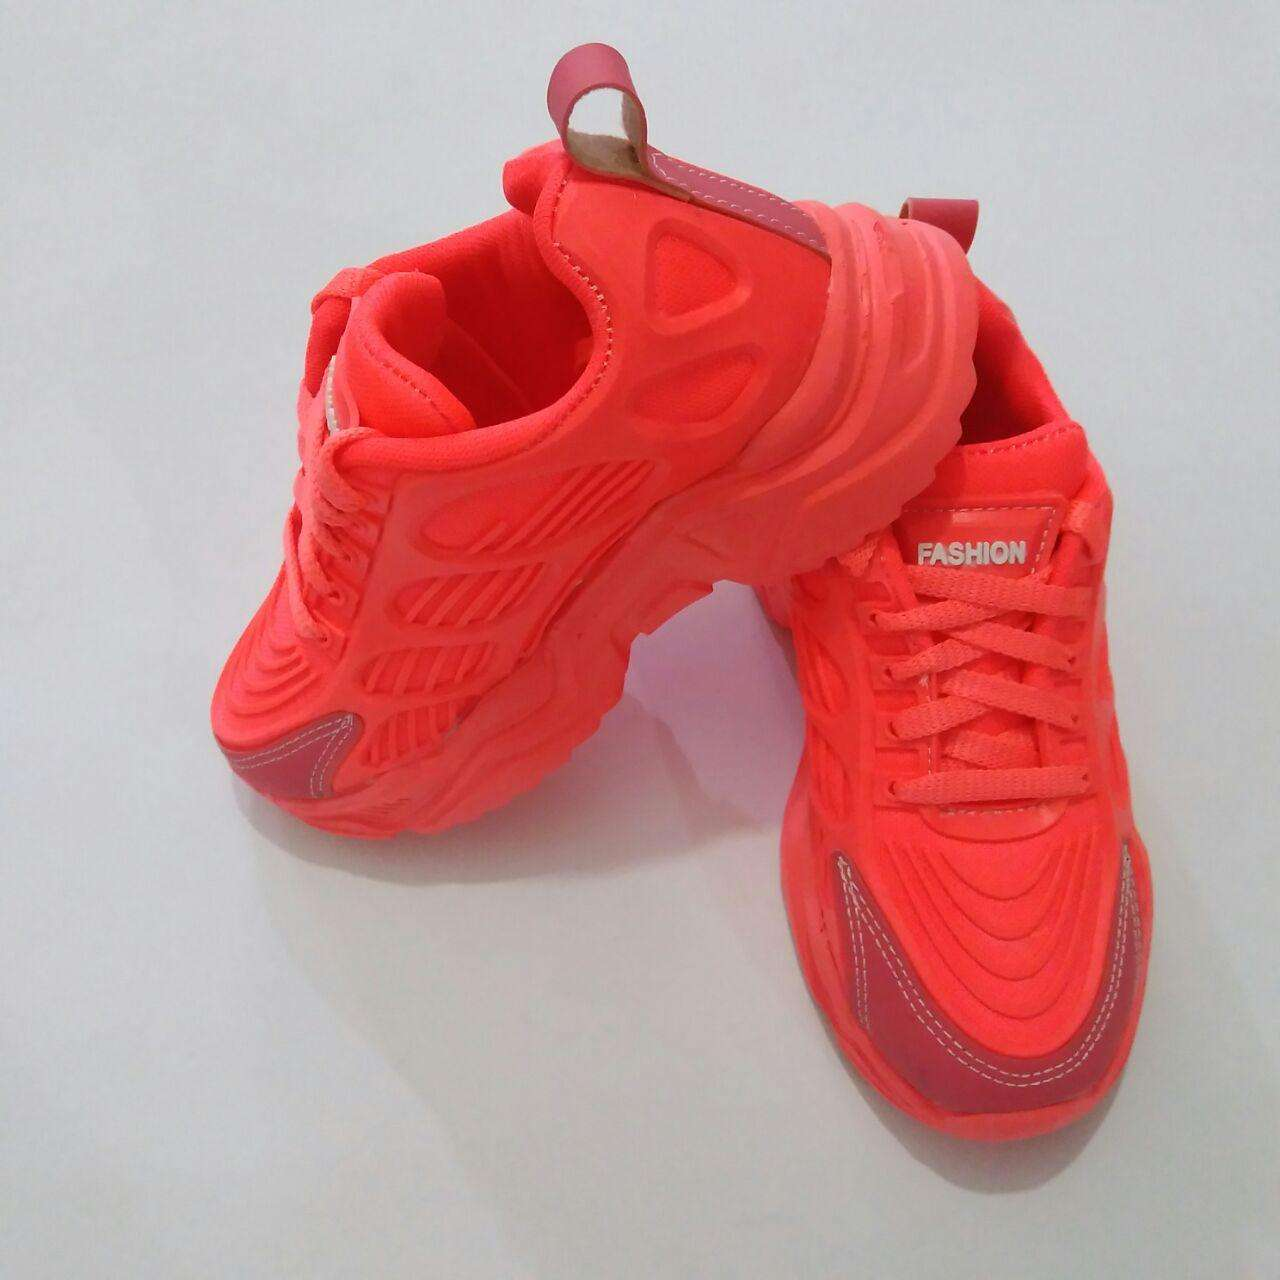 کفش پیاده روی دخترانه کد 3001 -  - 4